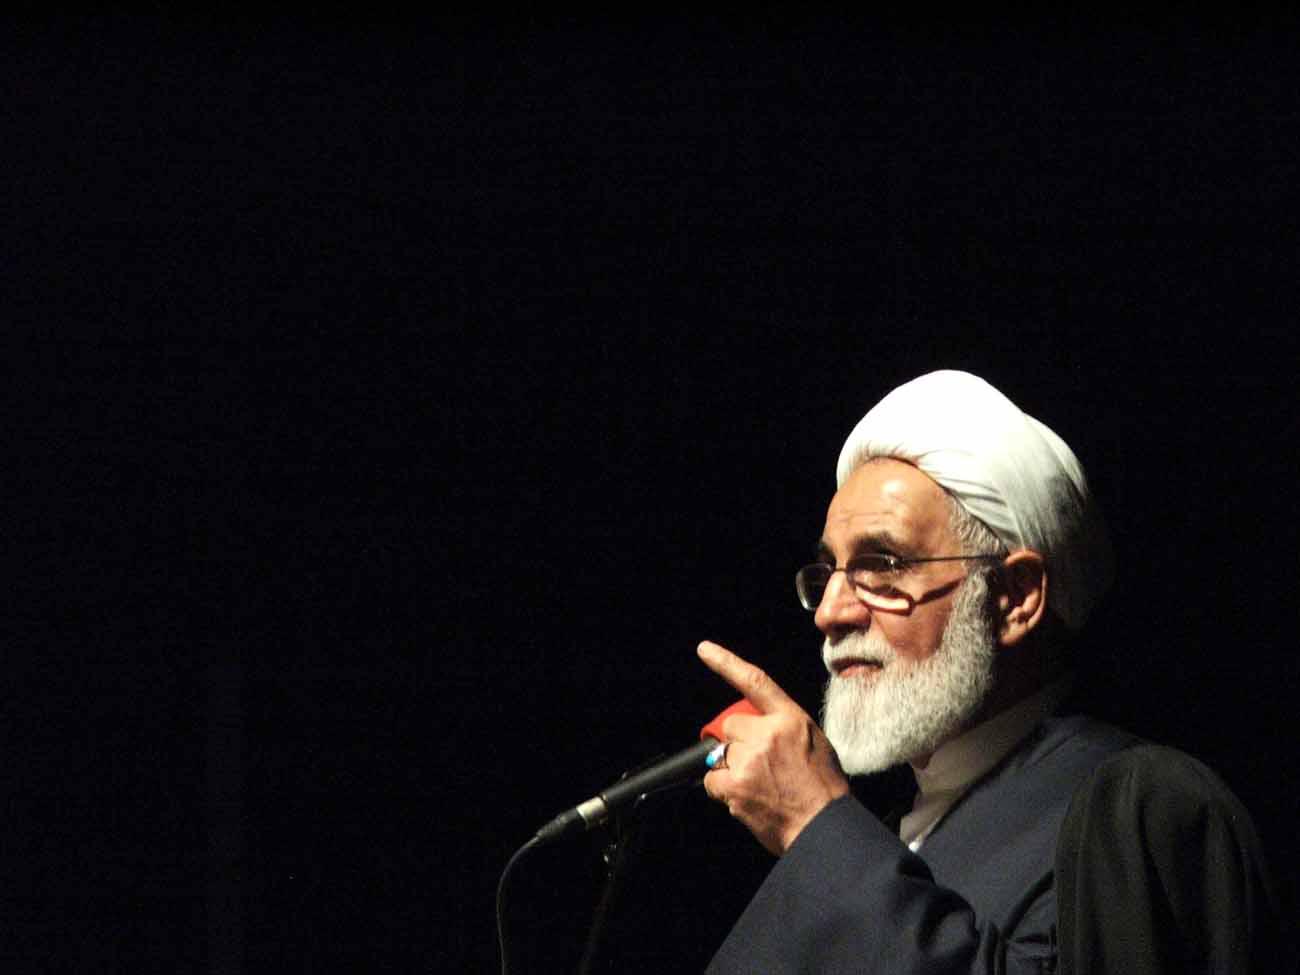 مسئولیت مهمی که روحانی به ناطق پیشنهاد داد/استقبال رهبری از تصمیم روحانی درباره ناطق